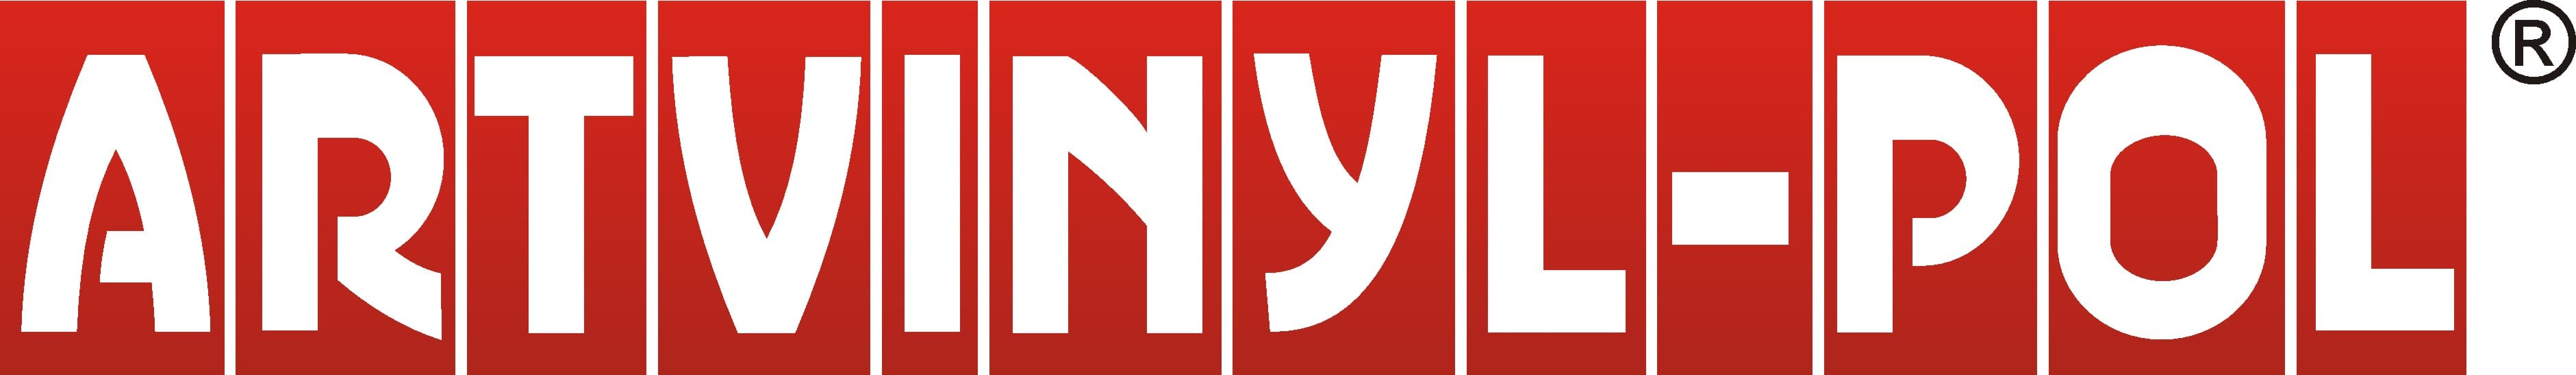 Artvinyl Logo R